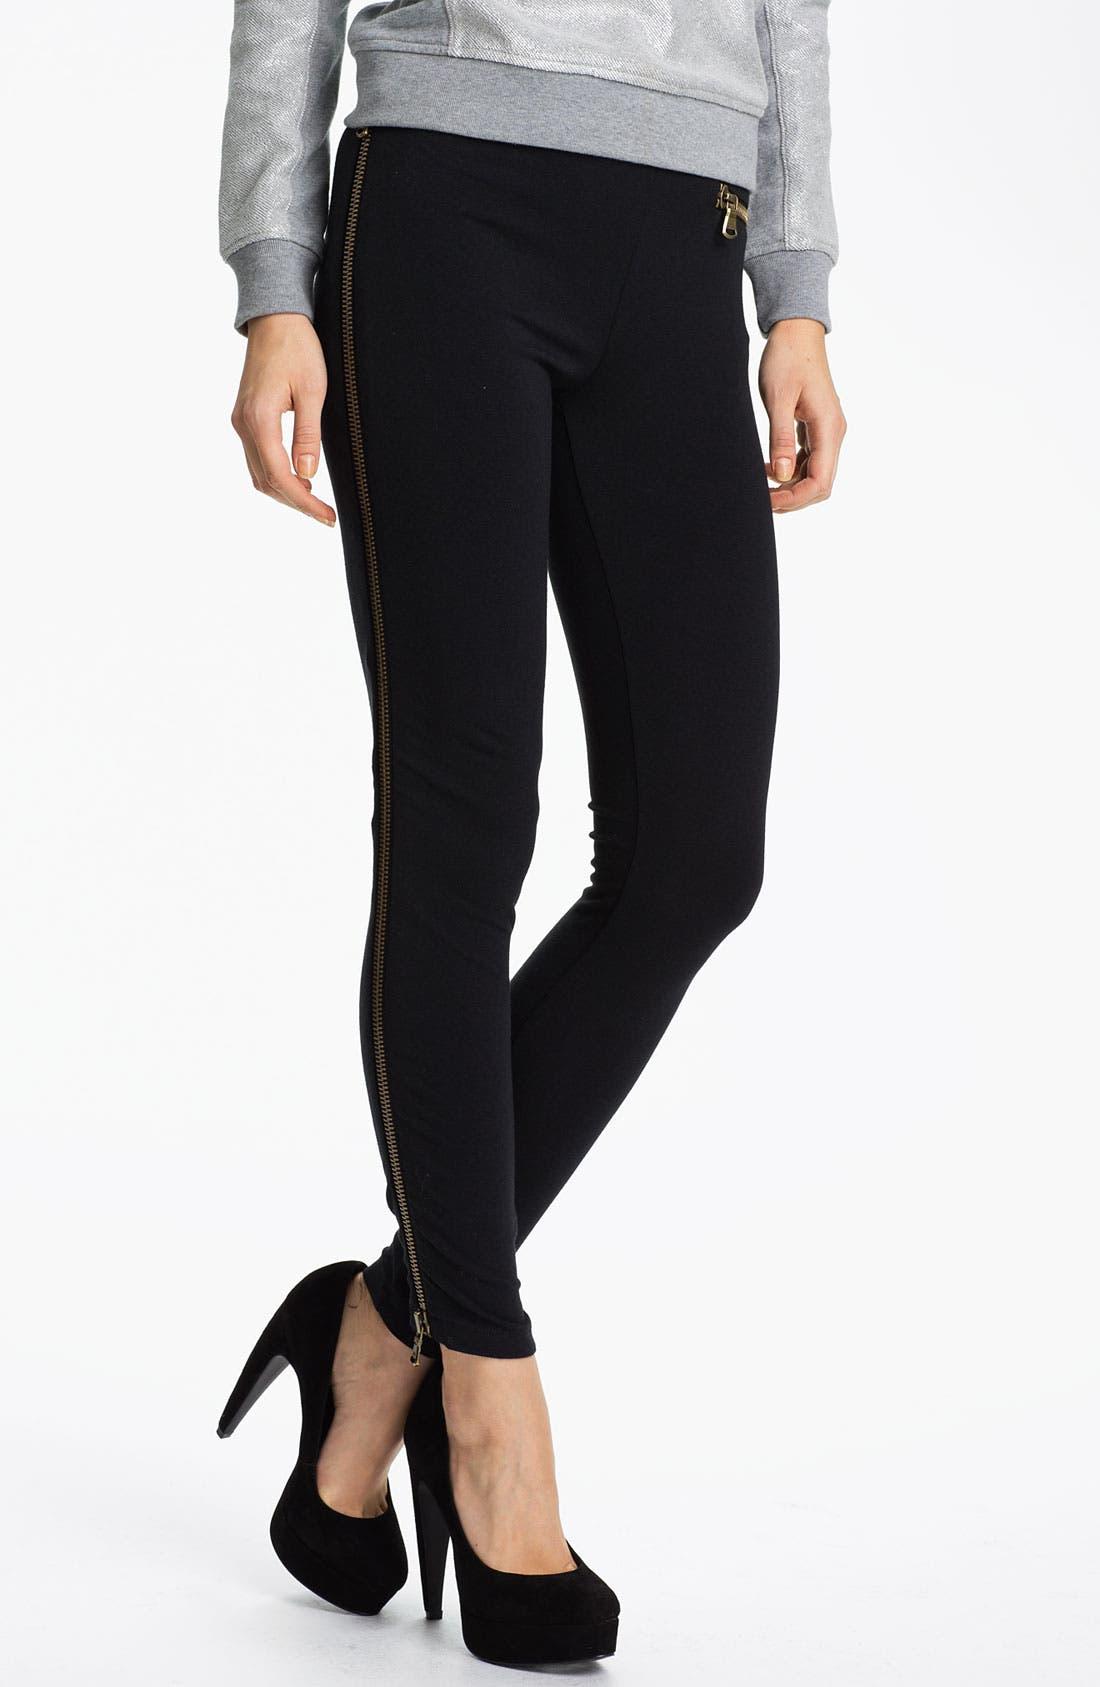 Main Image - Hot Sox Side Zipper Leggings